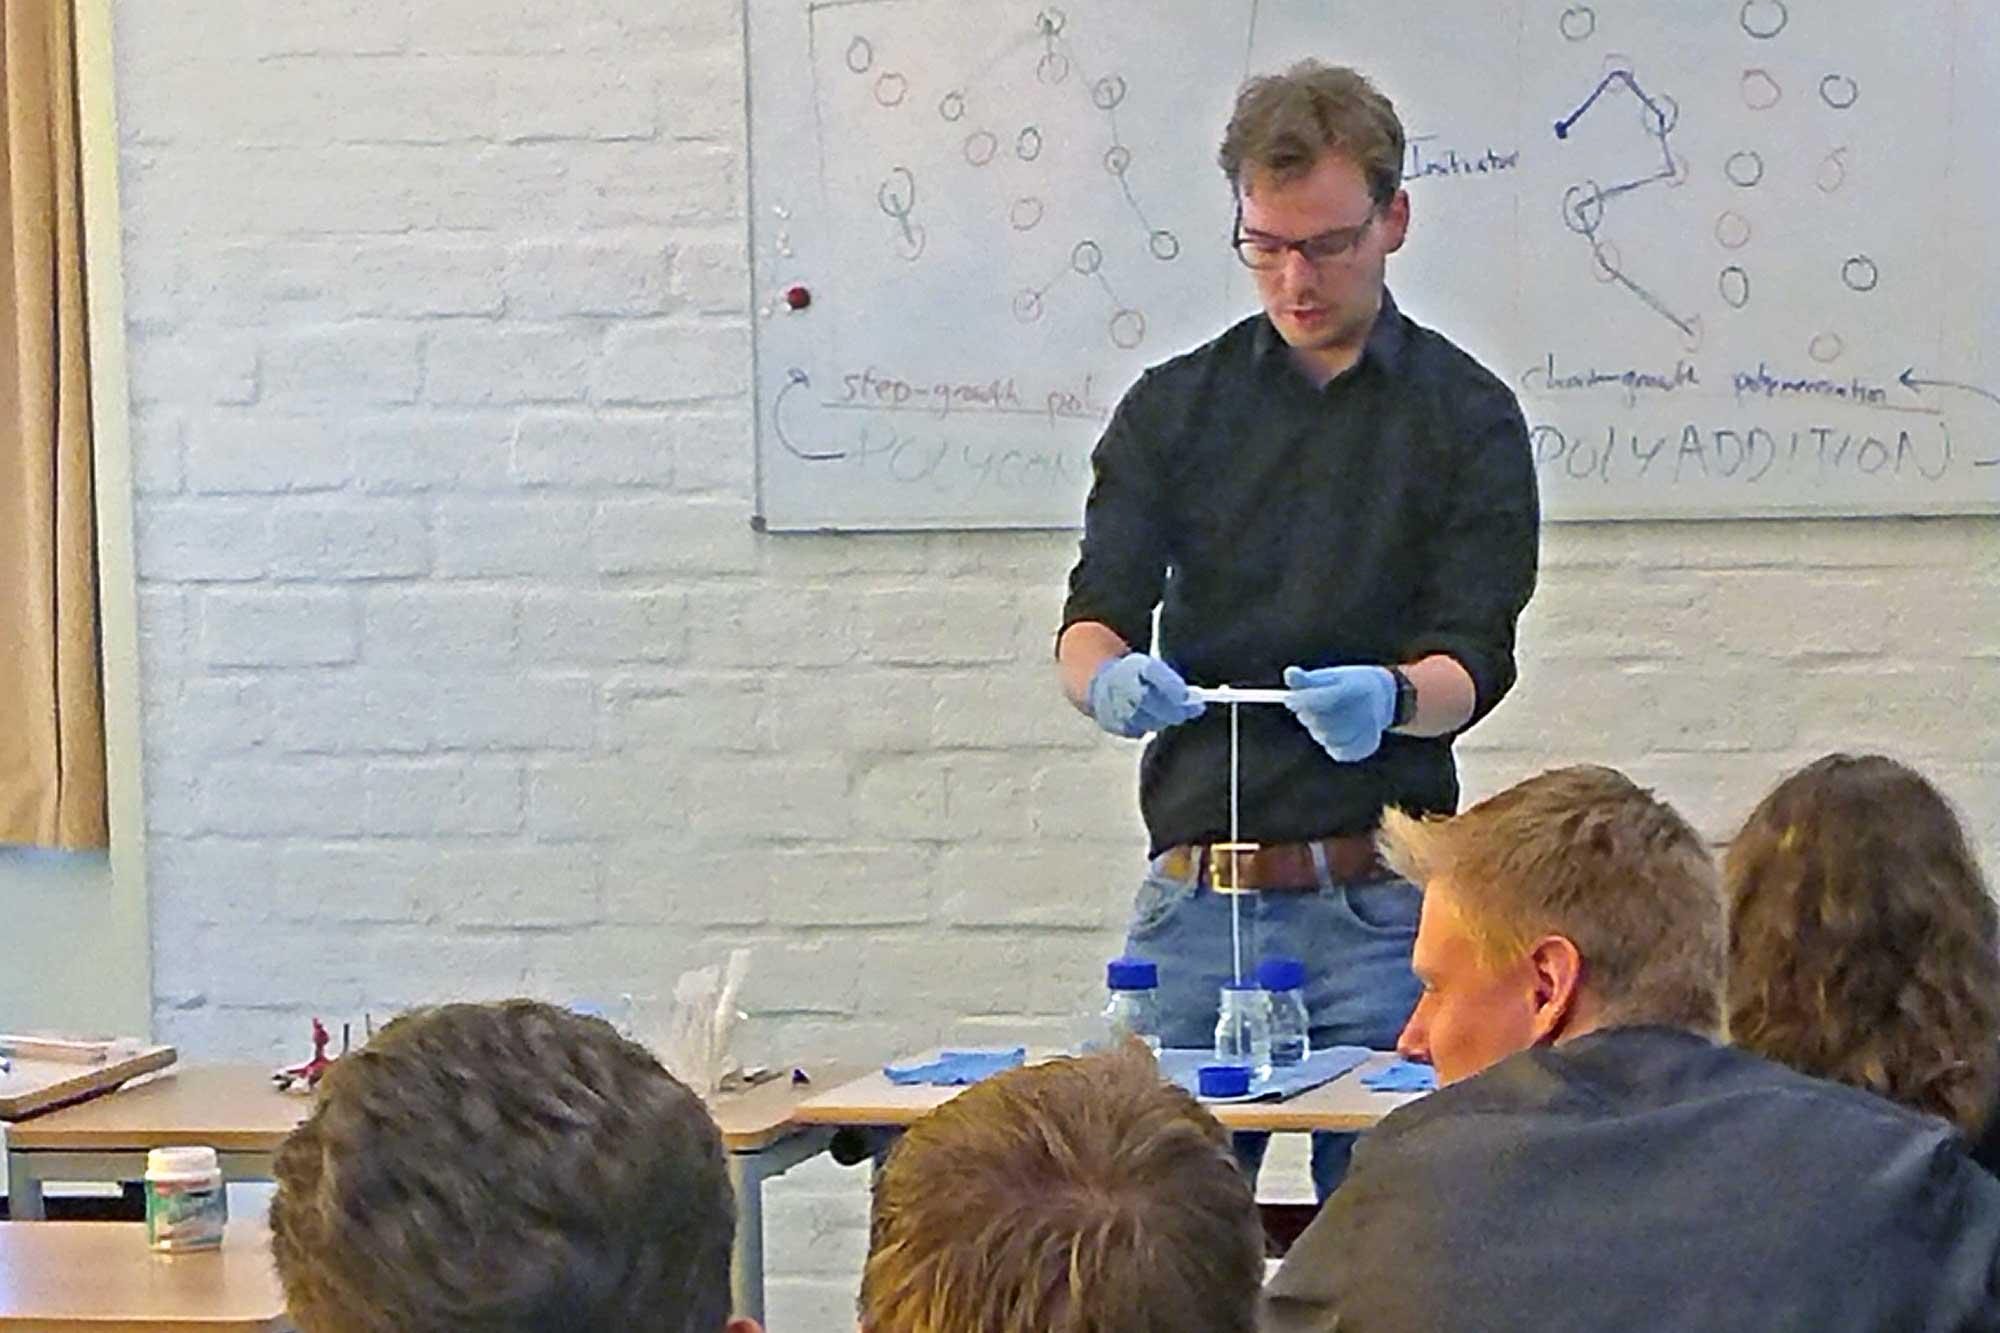 Vincent geeft les in de cursus Introductie Grondbeginselen van Kunststoftechnologie